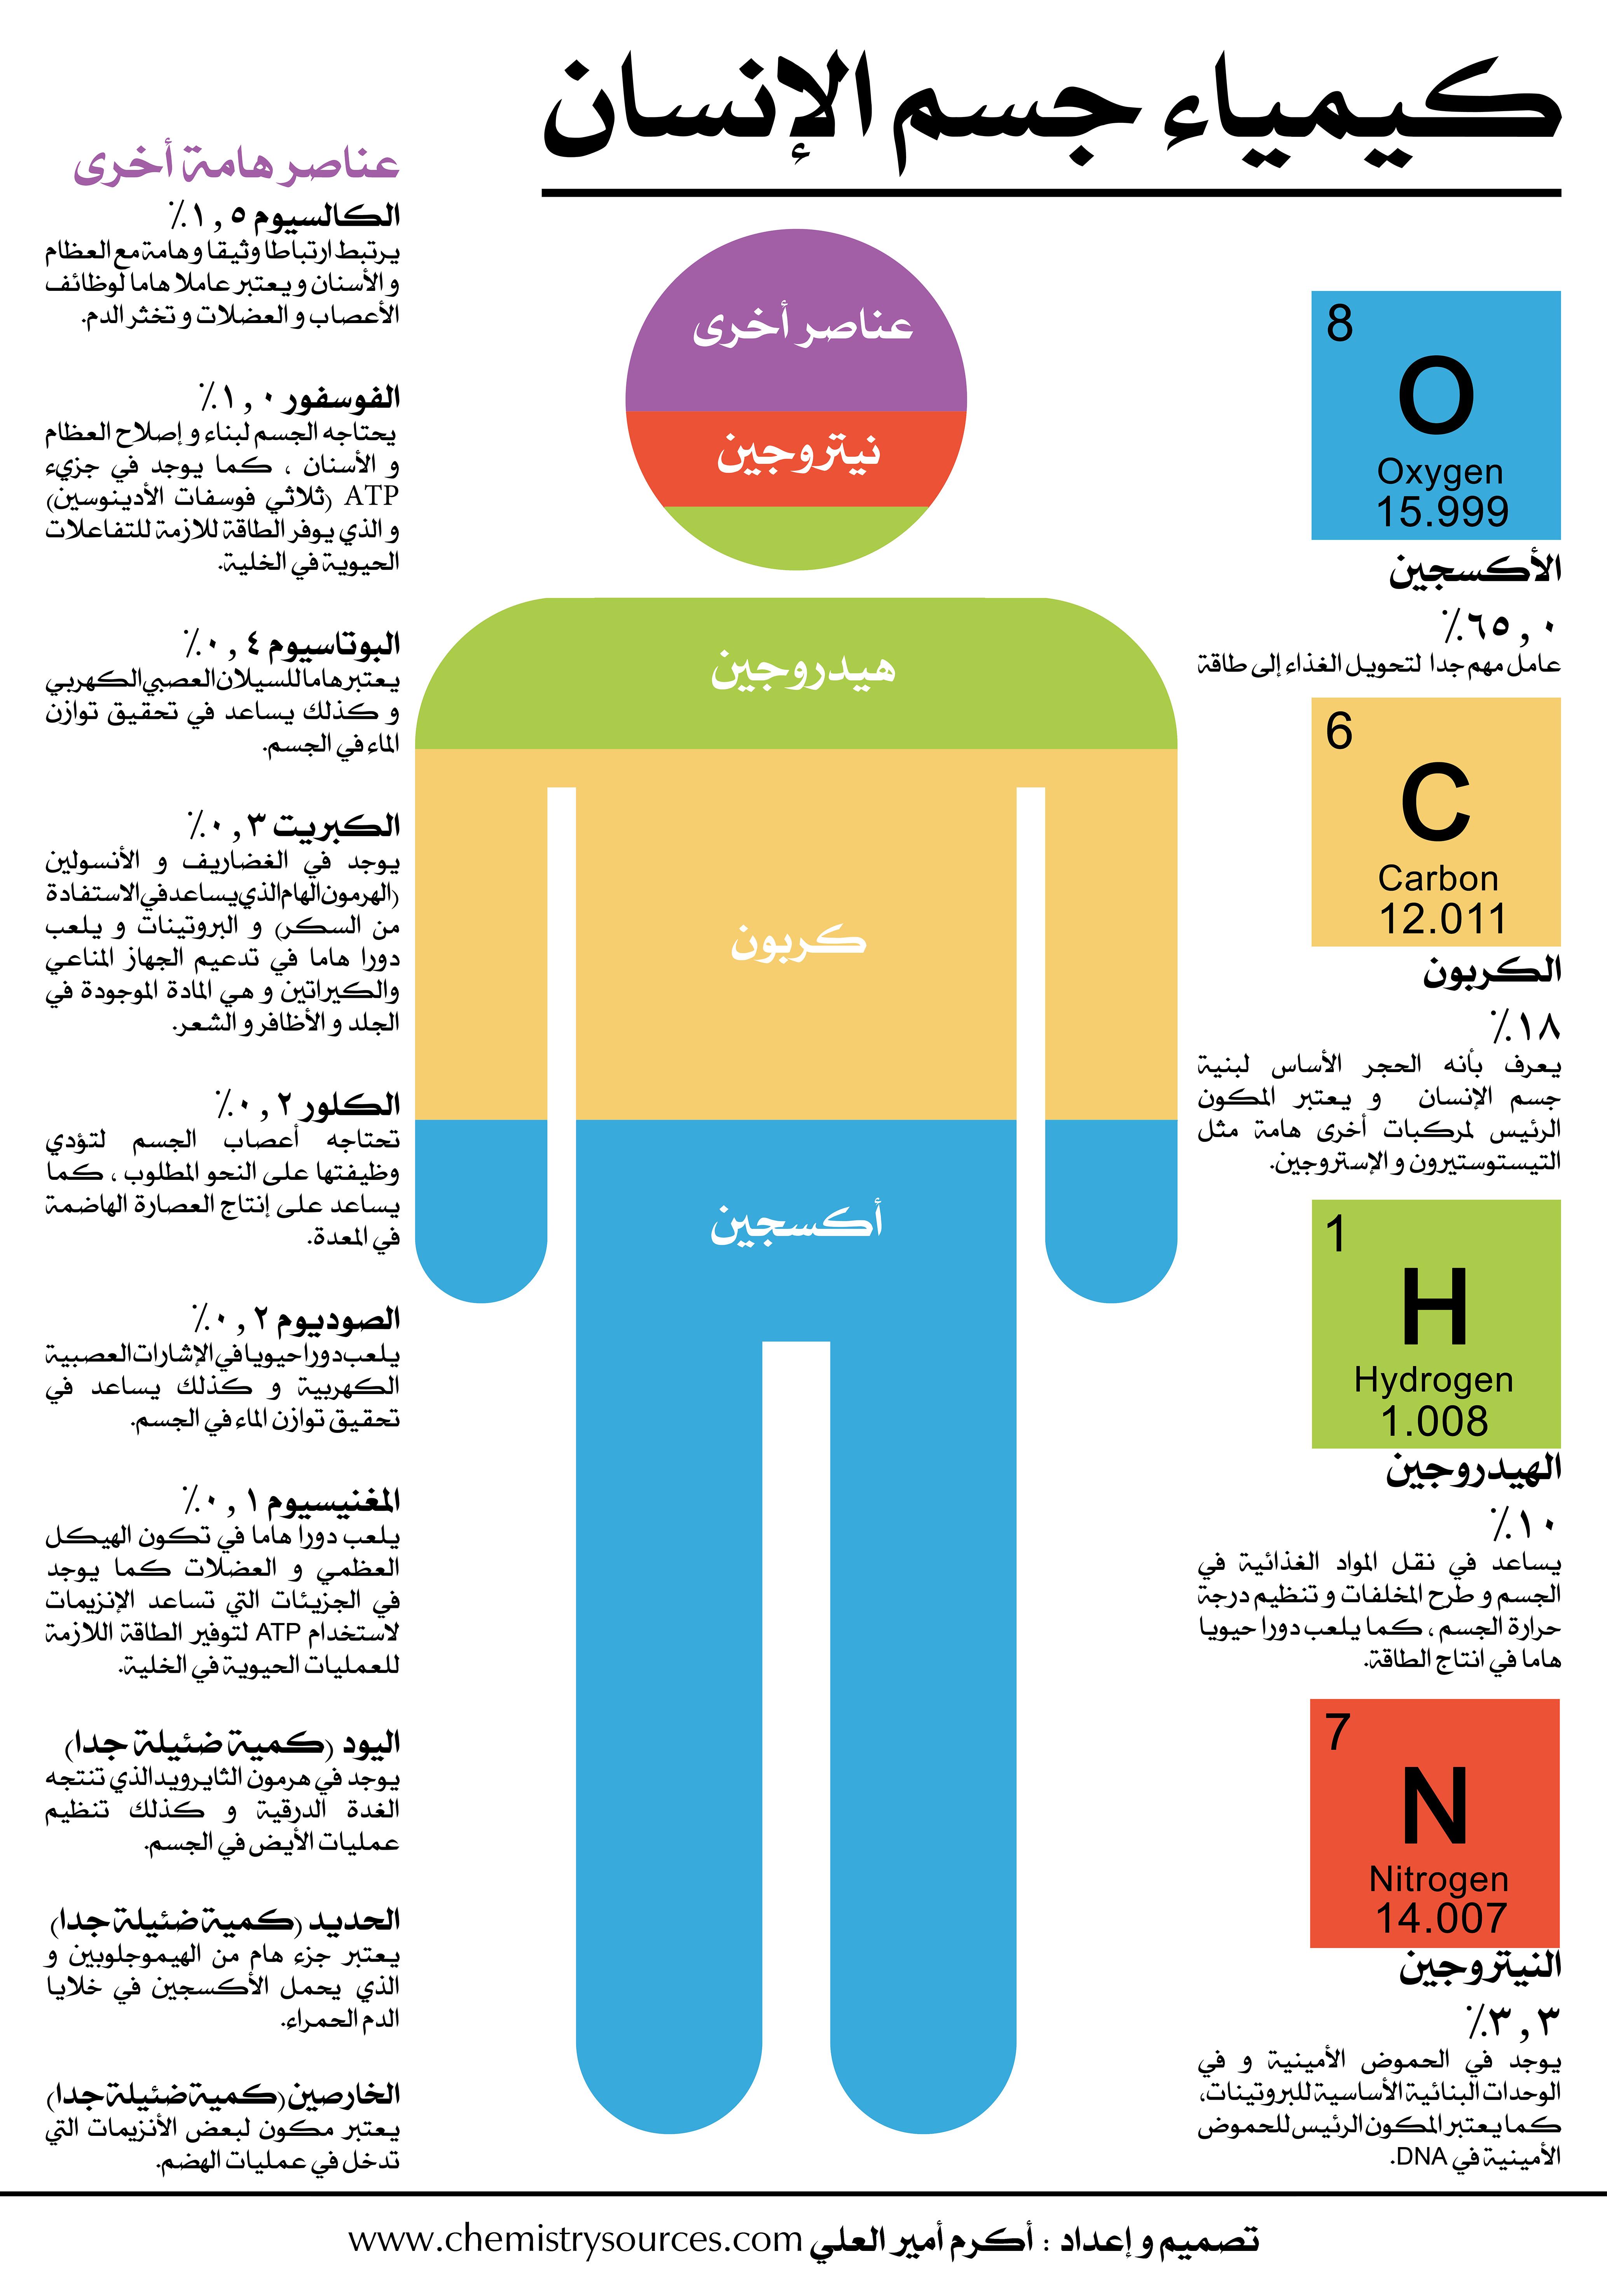 كيمياء جسم الانسان مصادر الكيمياء